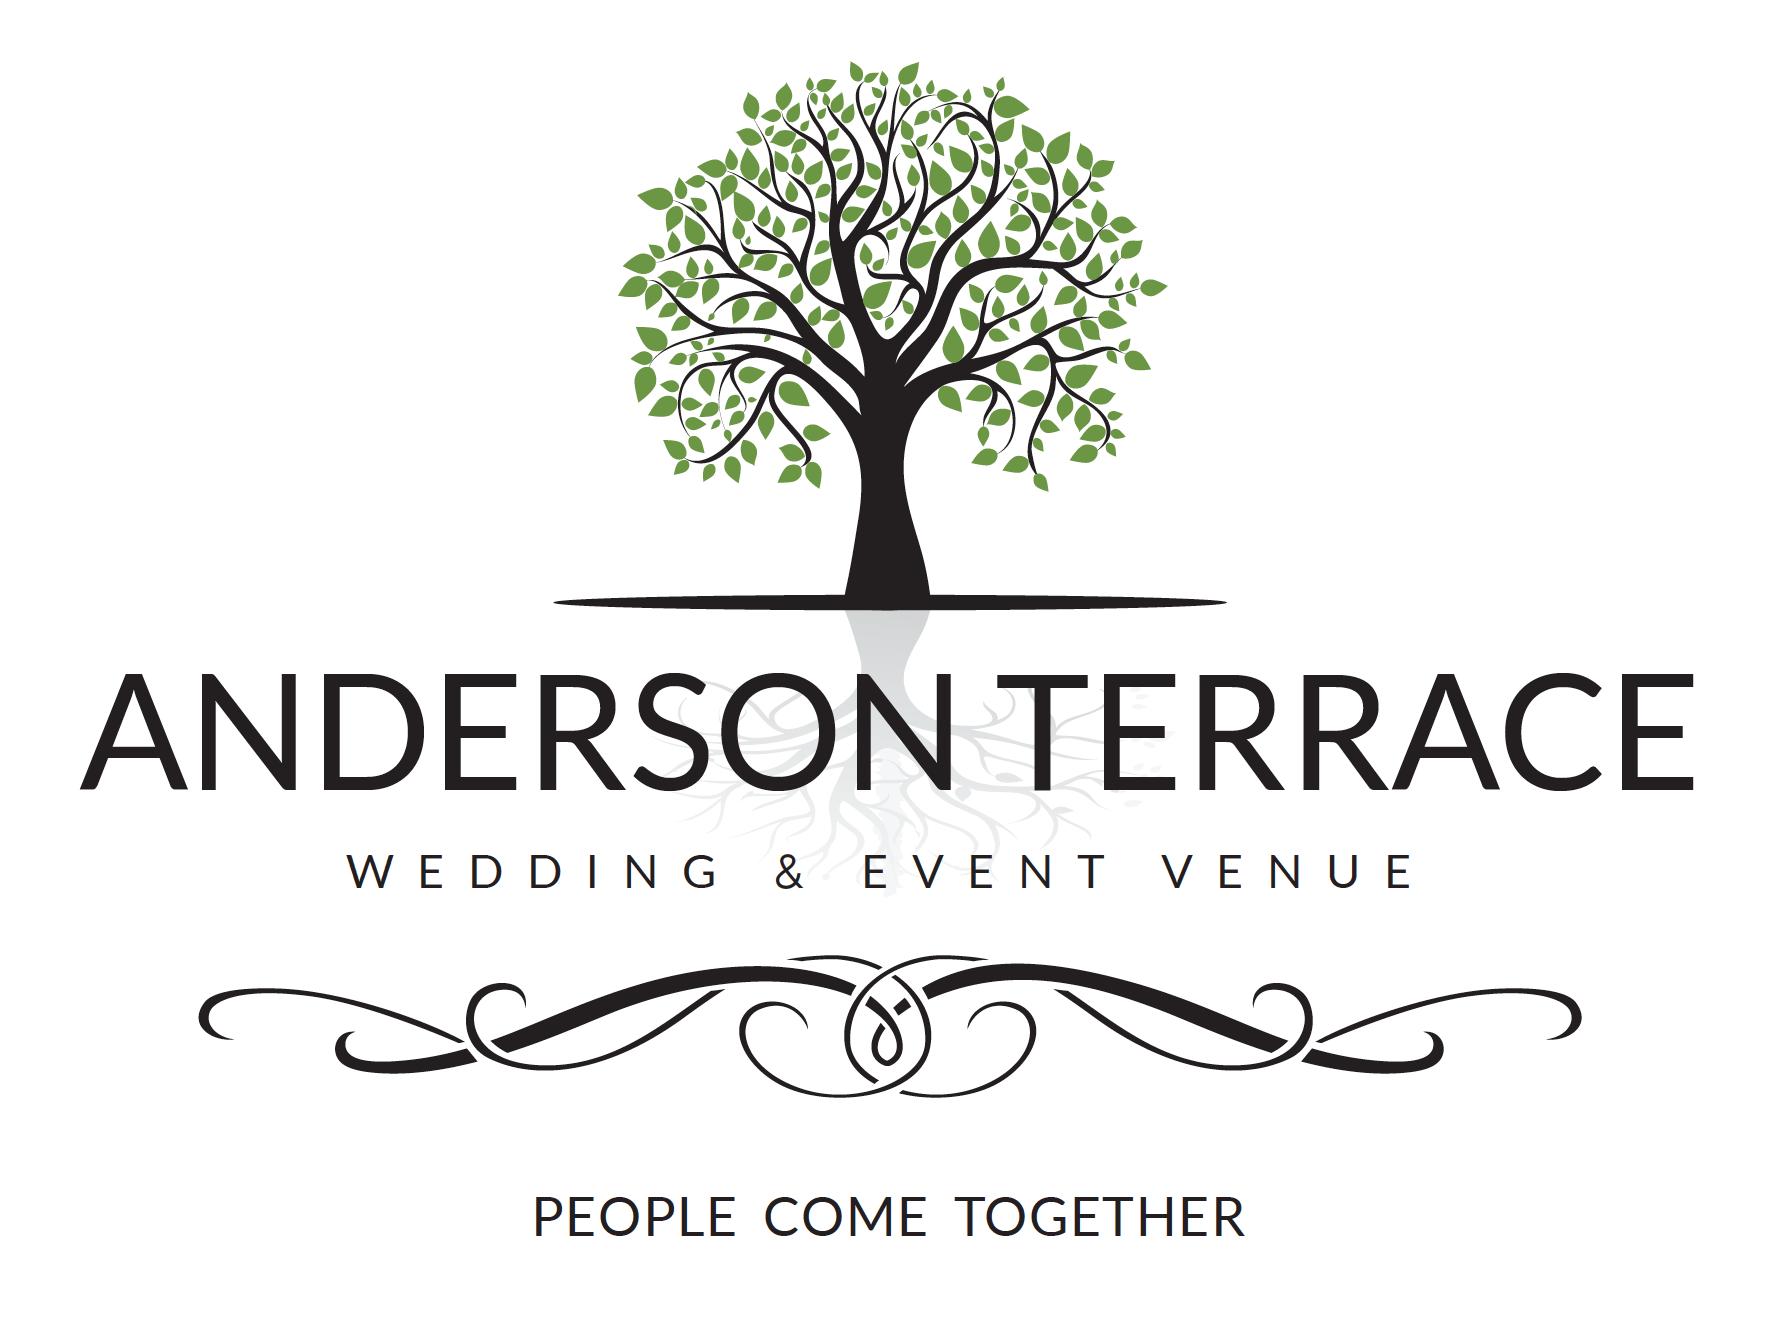 Anderson Terrace Event Wedding Venue